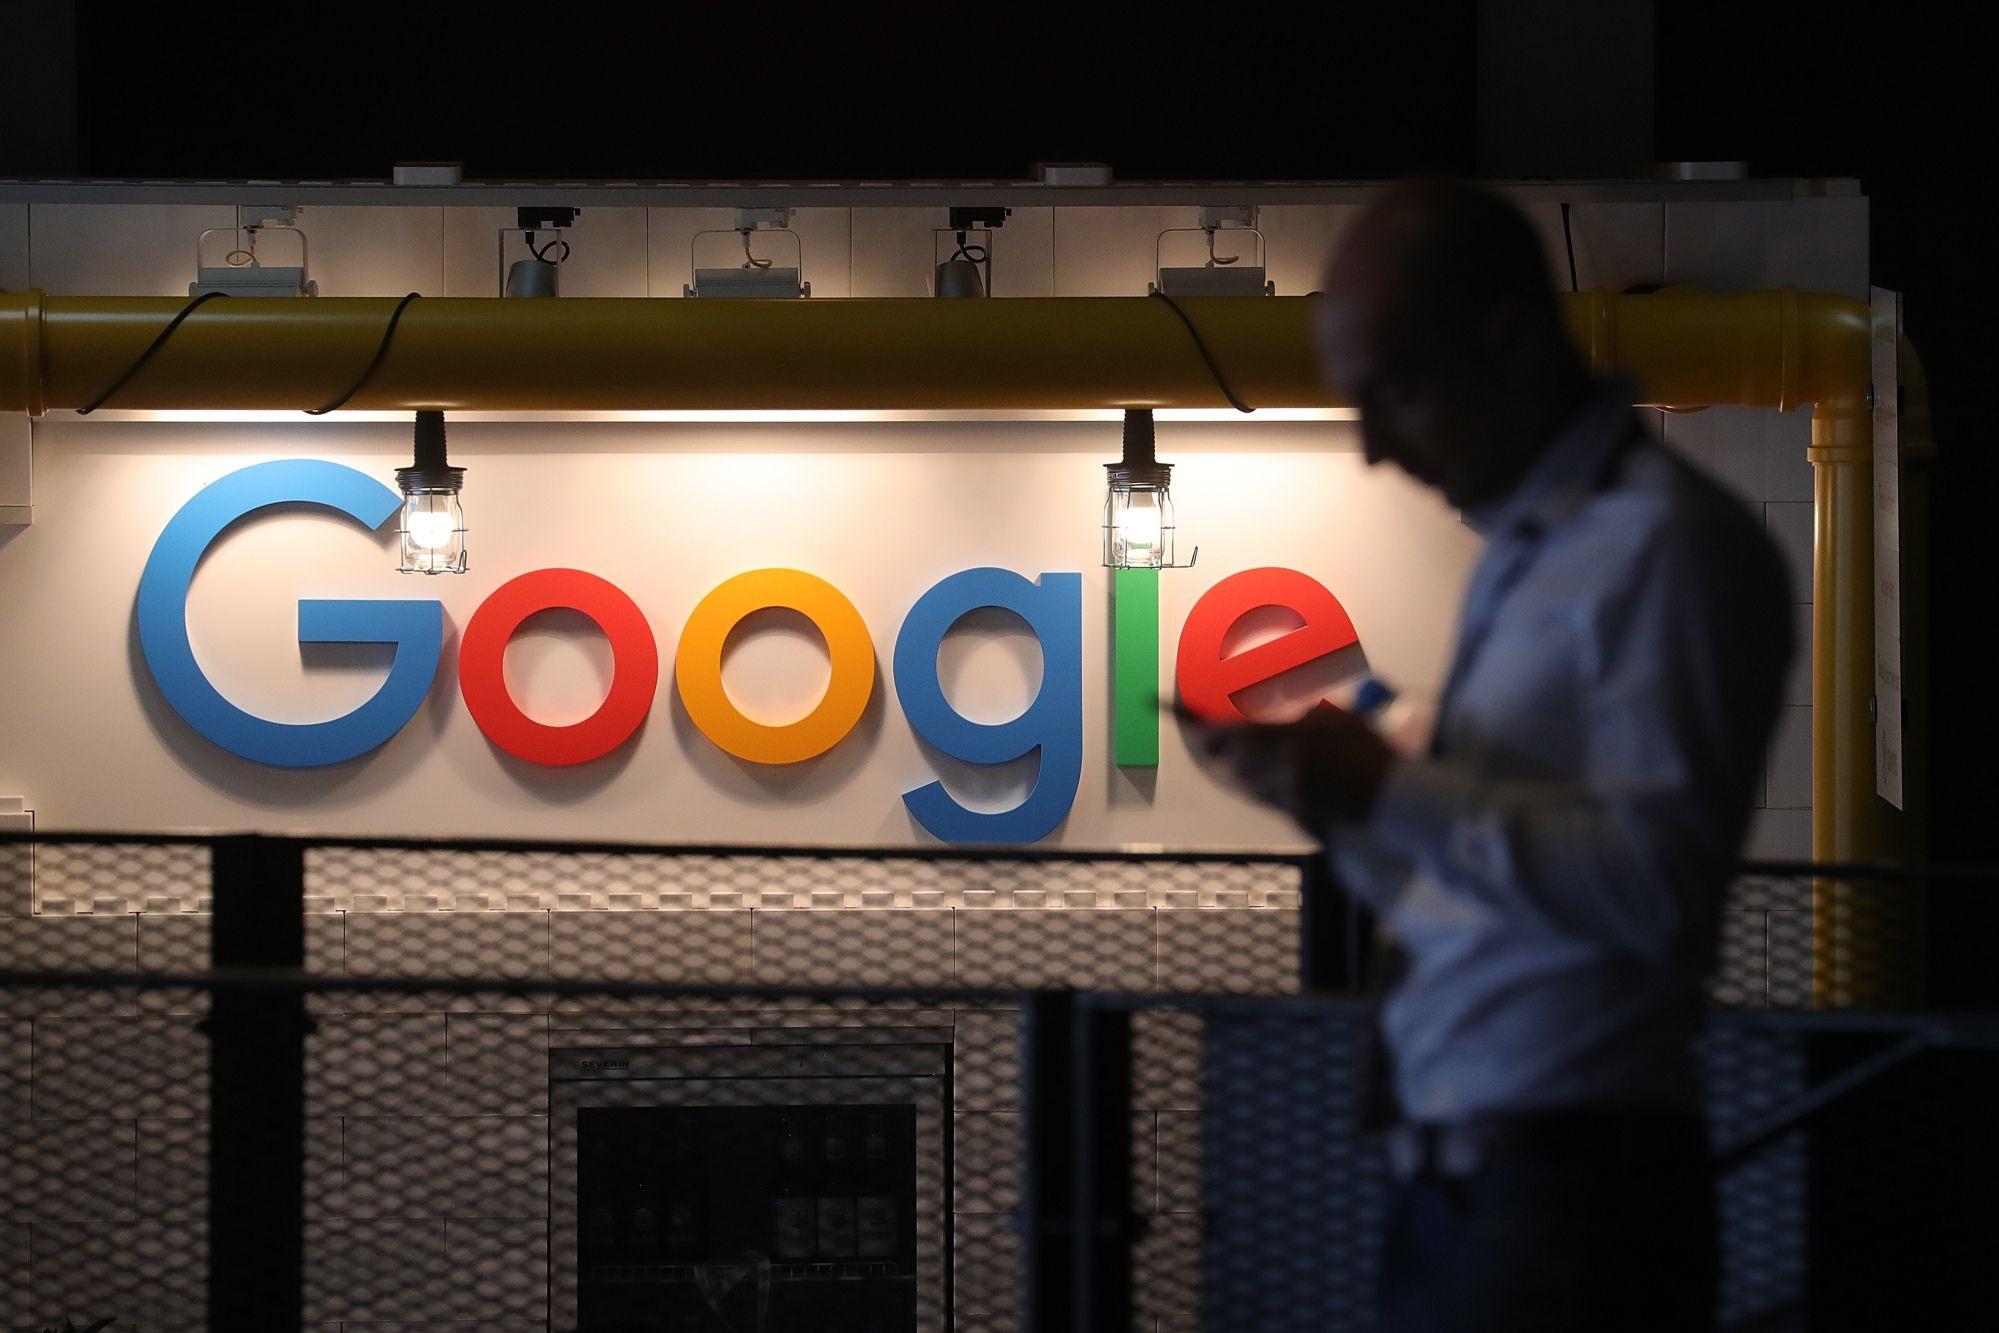 Австрийские активисты подозревают Google в слежке за пользователями Android-смартфонов